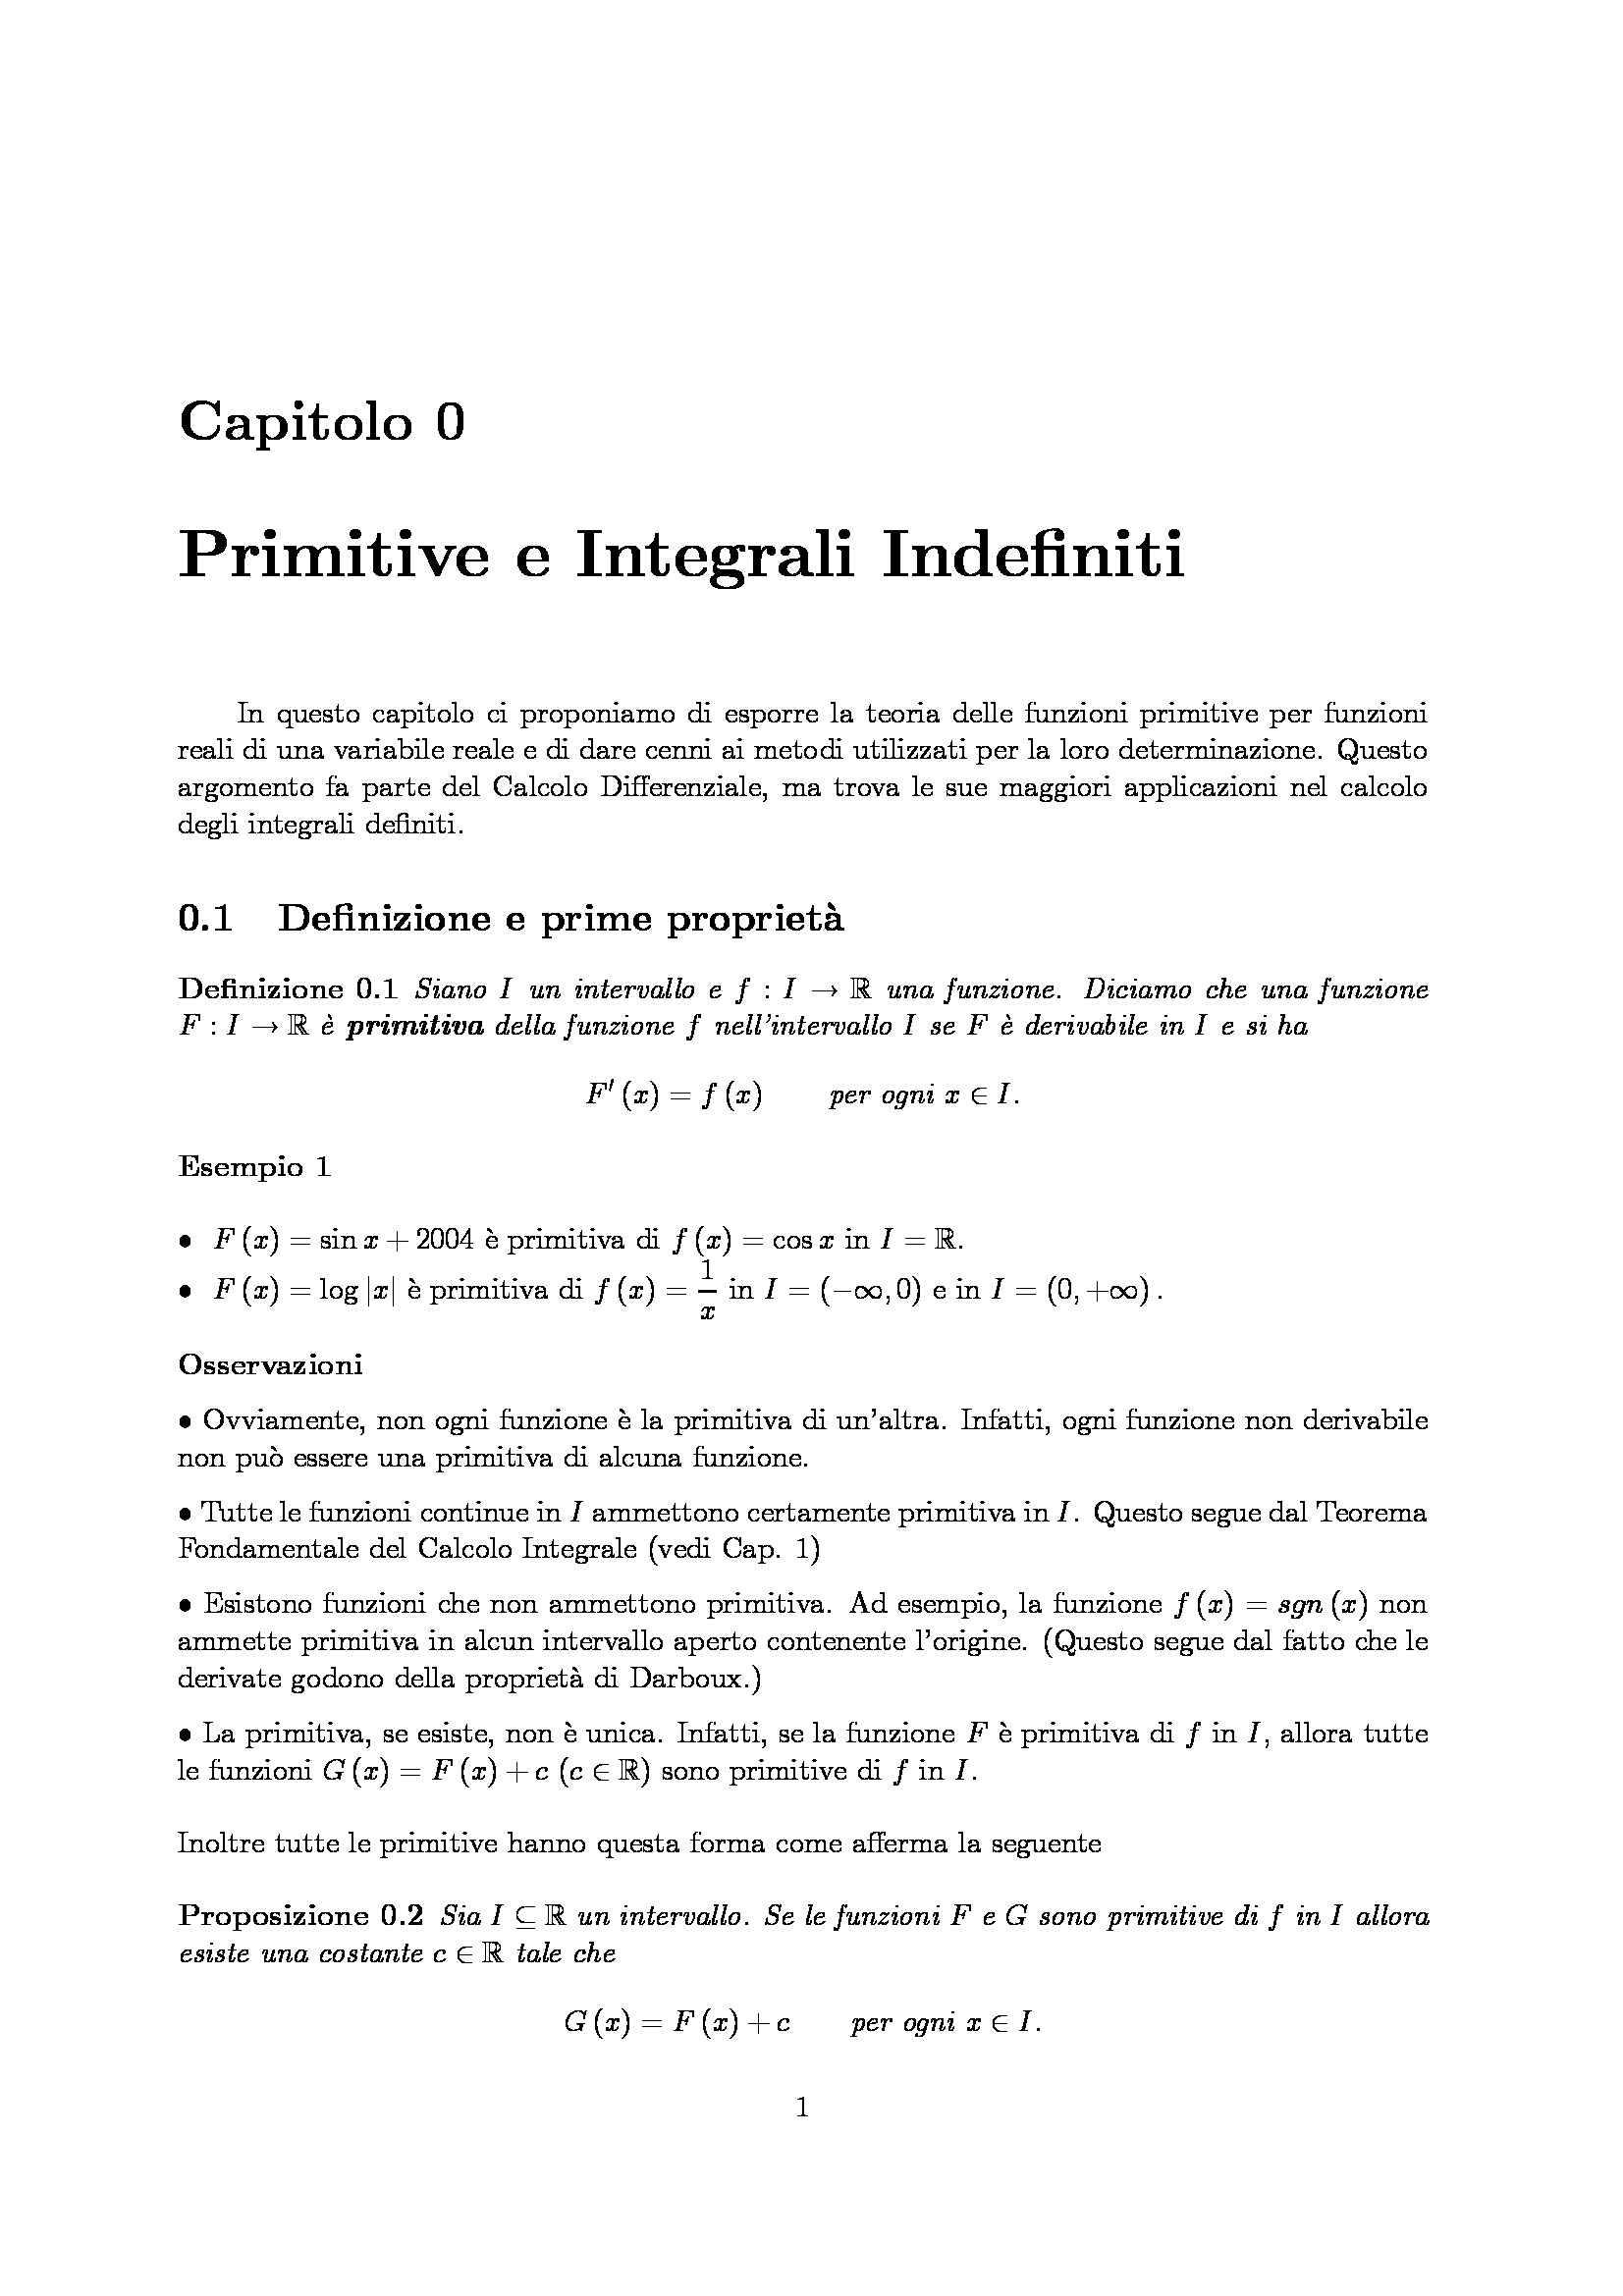 Dispensa di Matematica - Analisi matematica 2